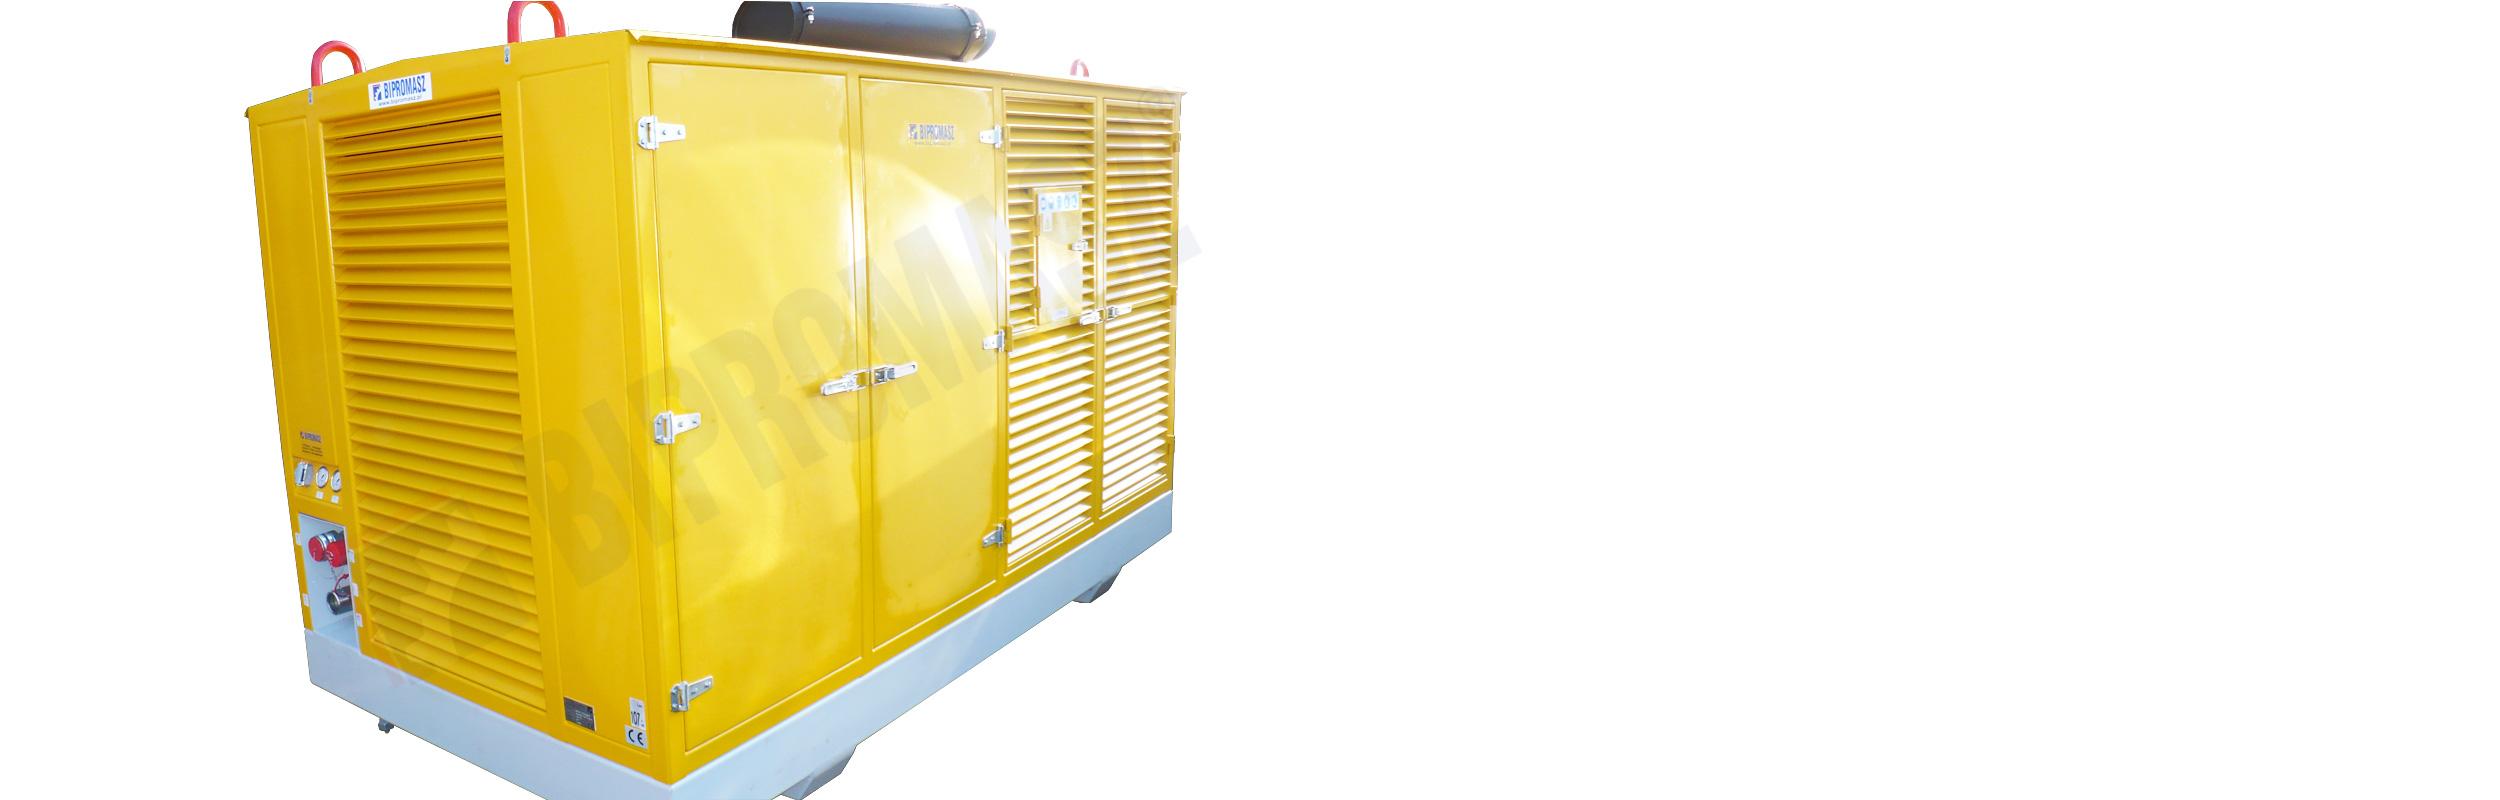 Hydrauliczny Agregat Spalinowy HAS-220 produkcji firmy Bipromasz